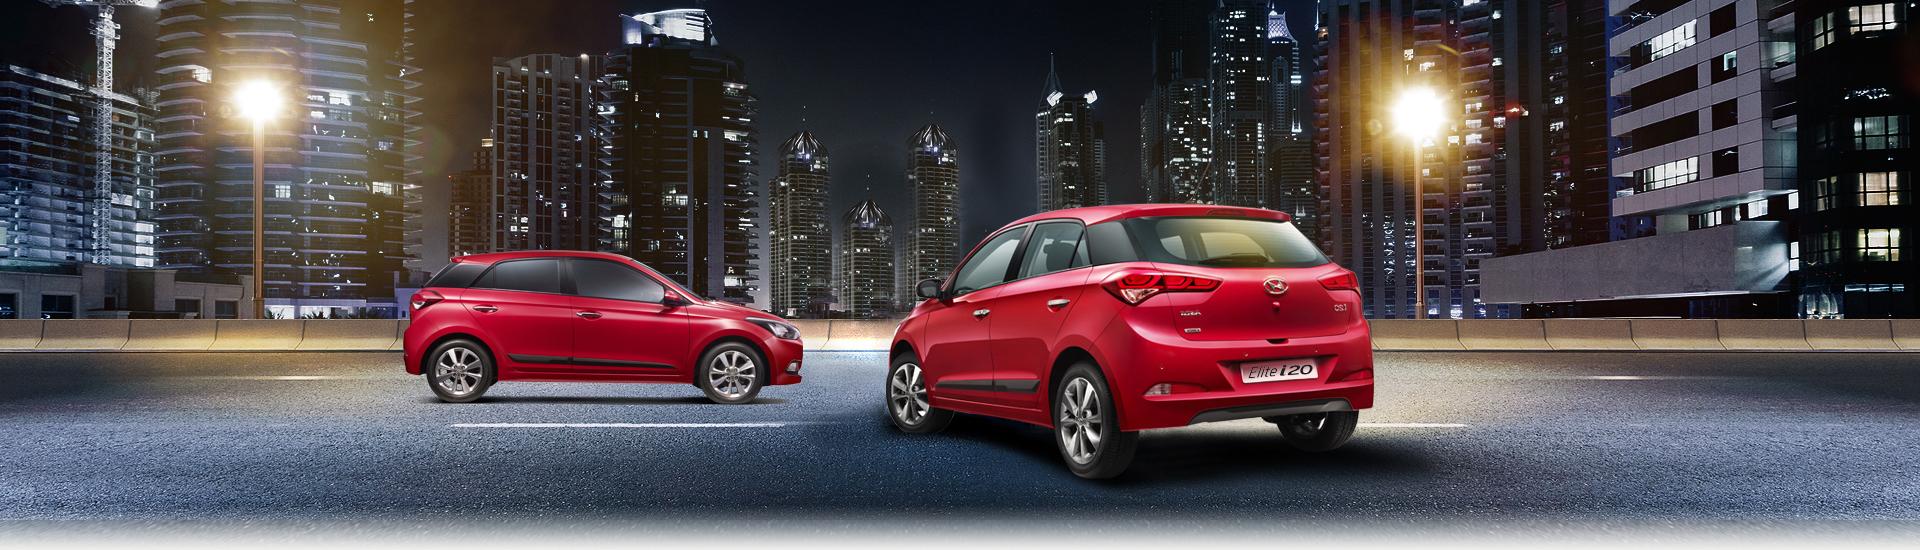 Hyundai Elite i20 exterior